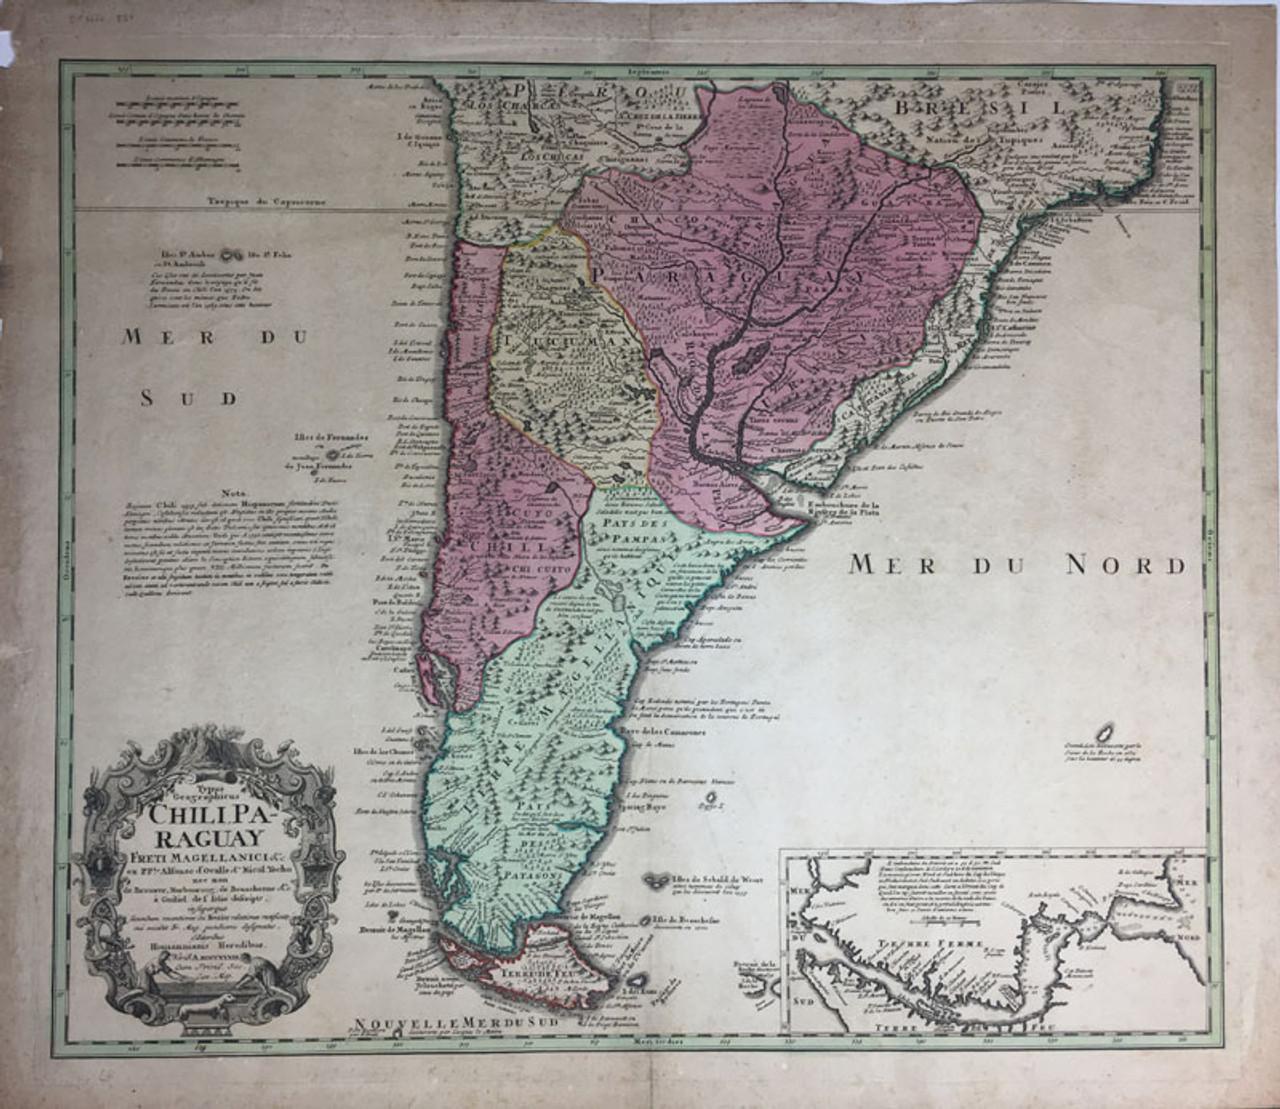 Typus Georgraphicas Chili, Paraguay Freti Magellanici & c.